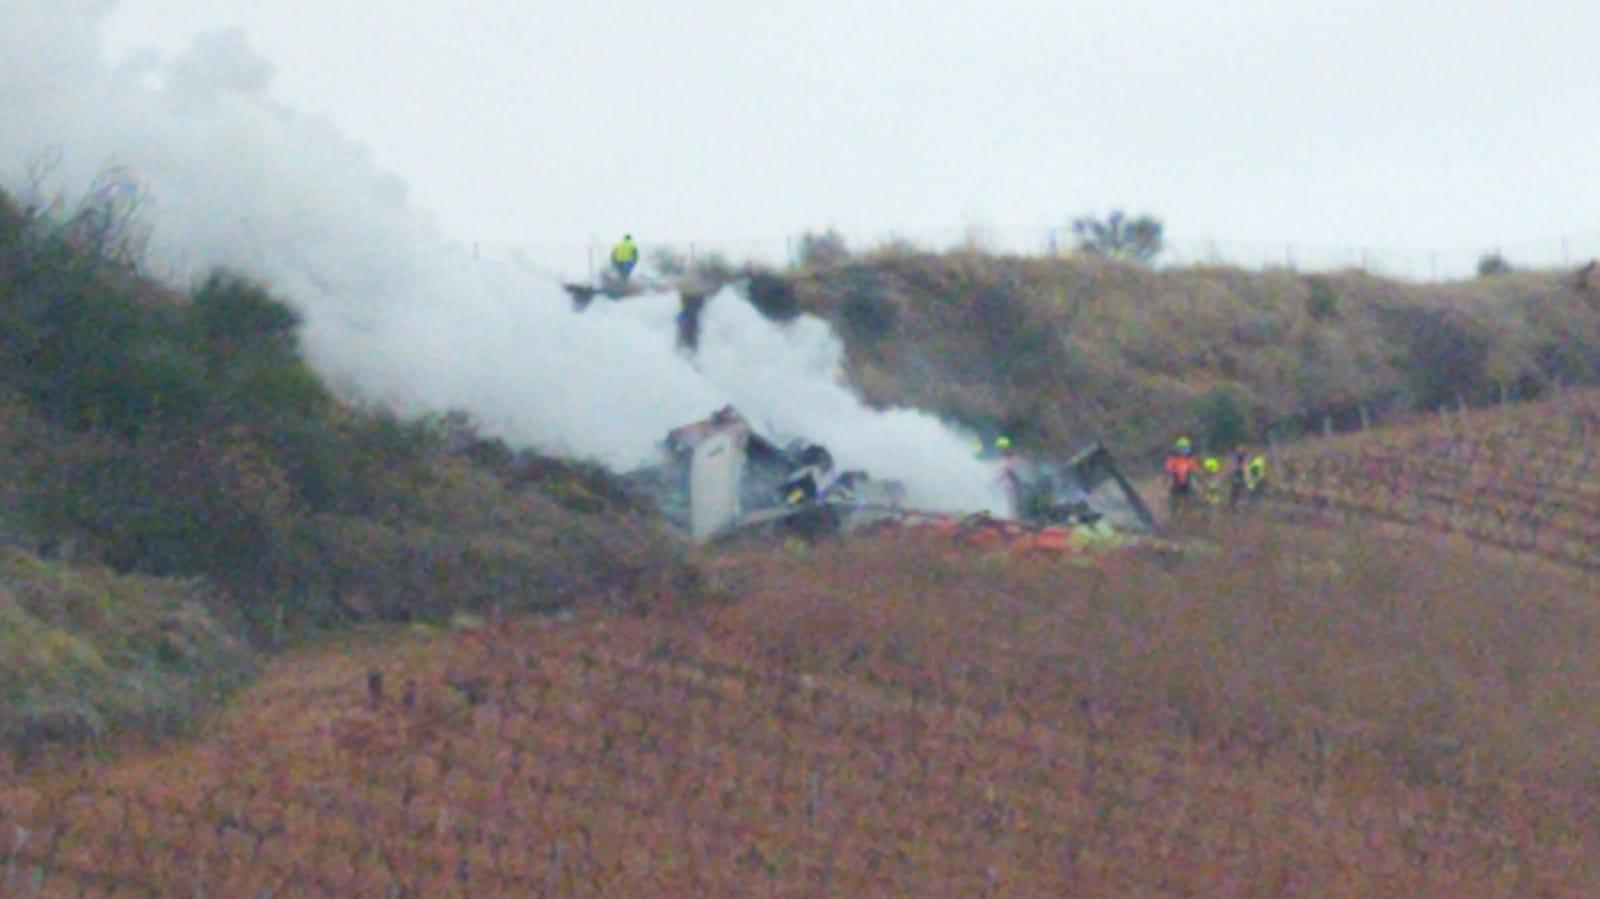 Fallece un camionero al caer con el camión a una viña y arder en la AP-68 en Cenicero